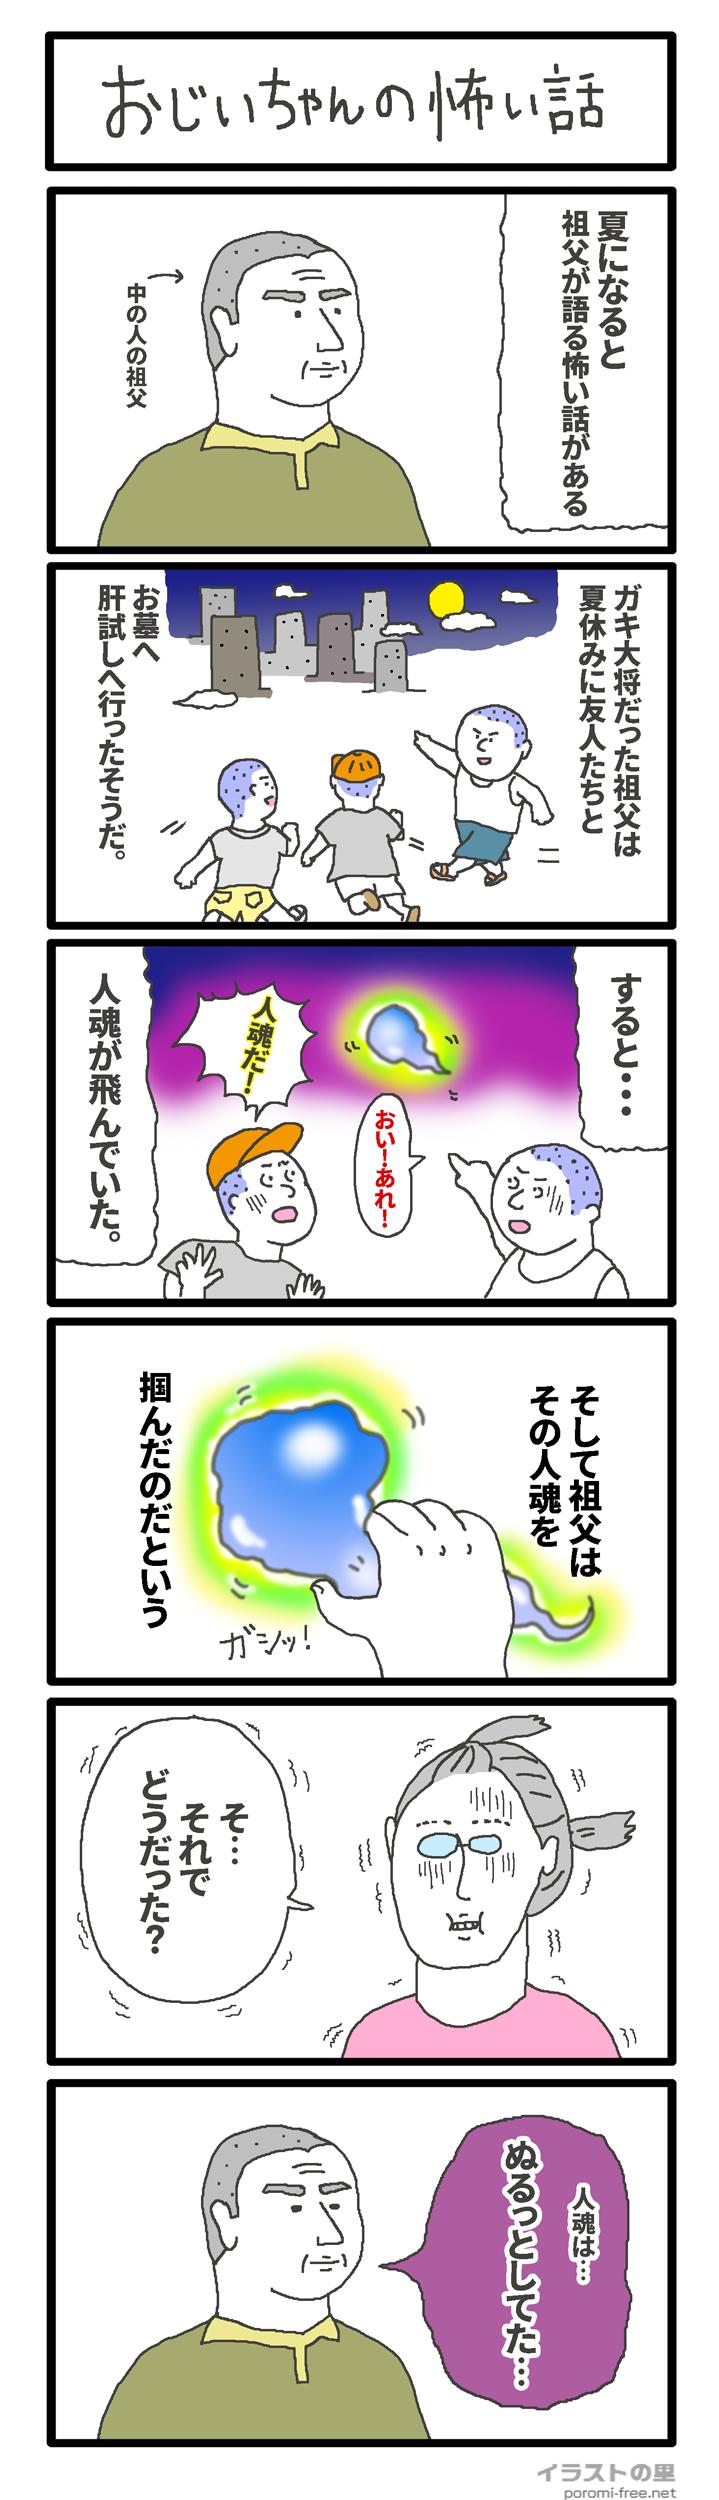 漫画『おじいちゃんの怖い話』